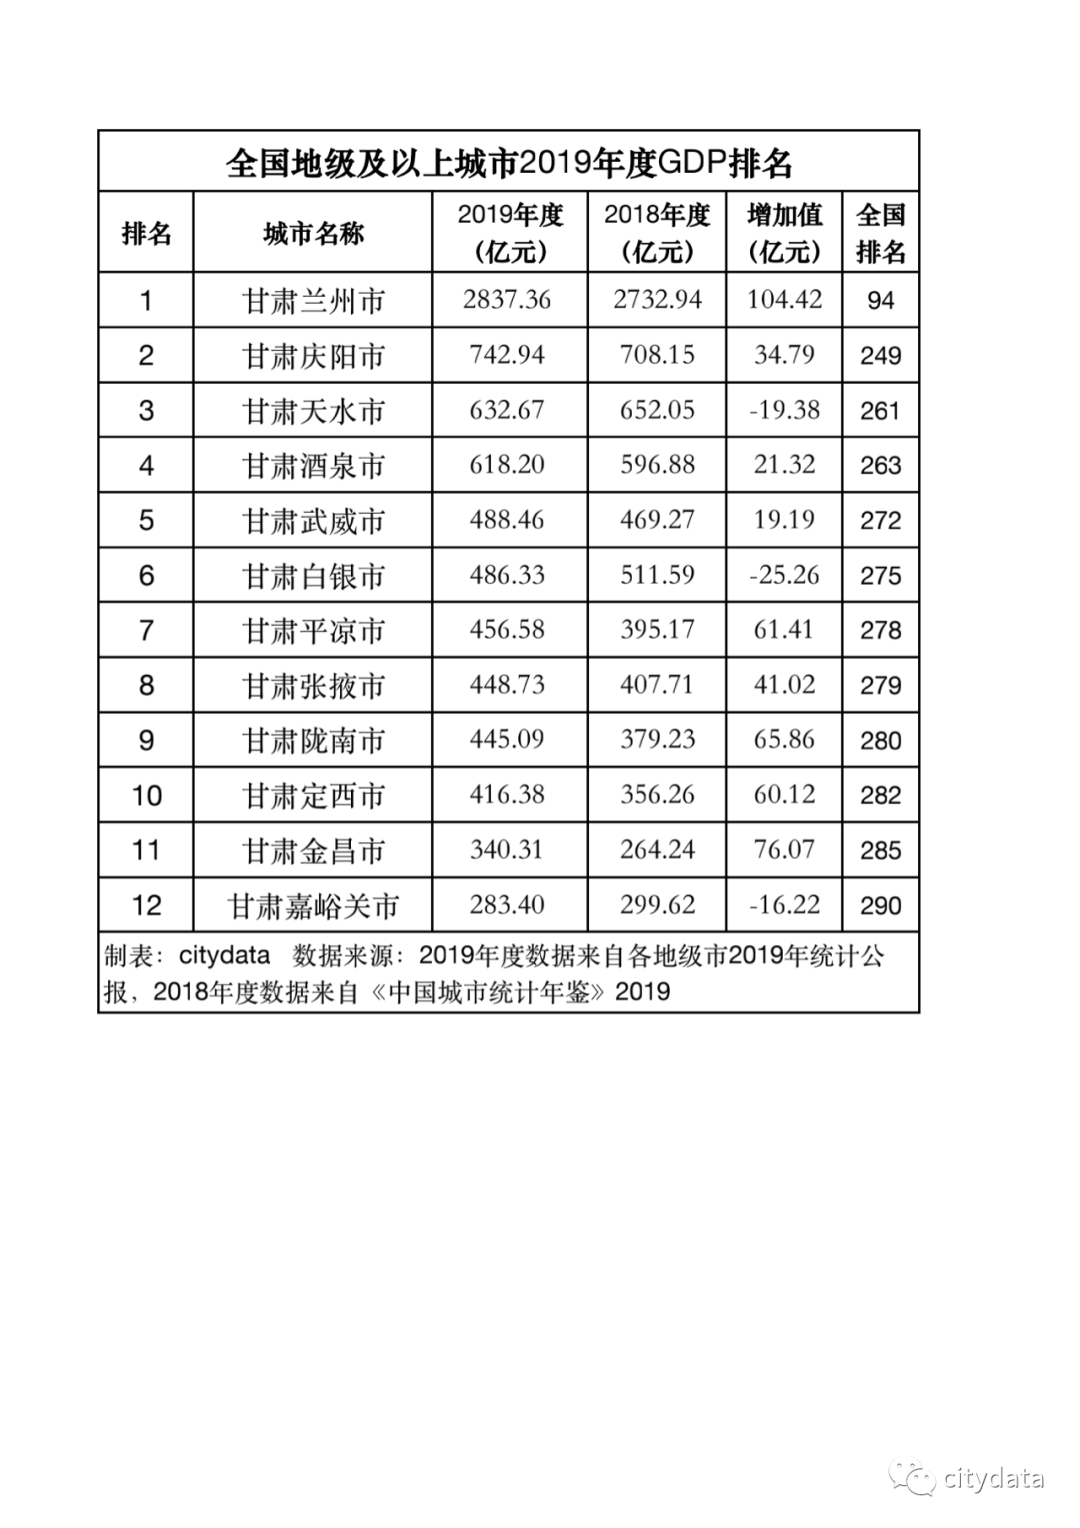 甘肃gdp排名_西北五省前三季度GDP排名情况:陕西第一、宁夏增速第一